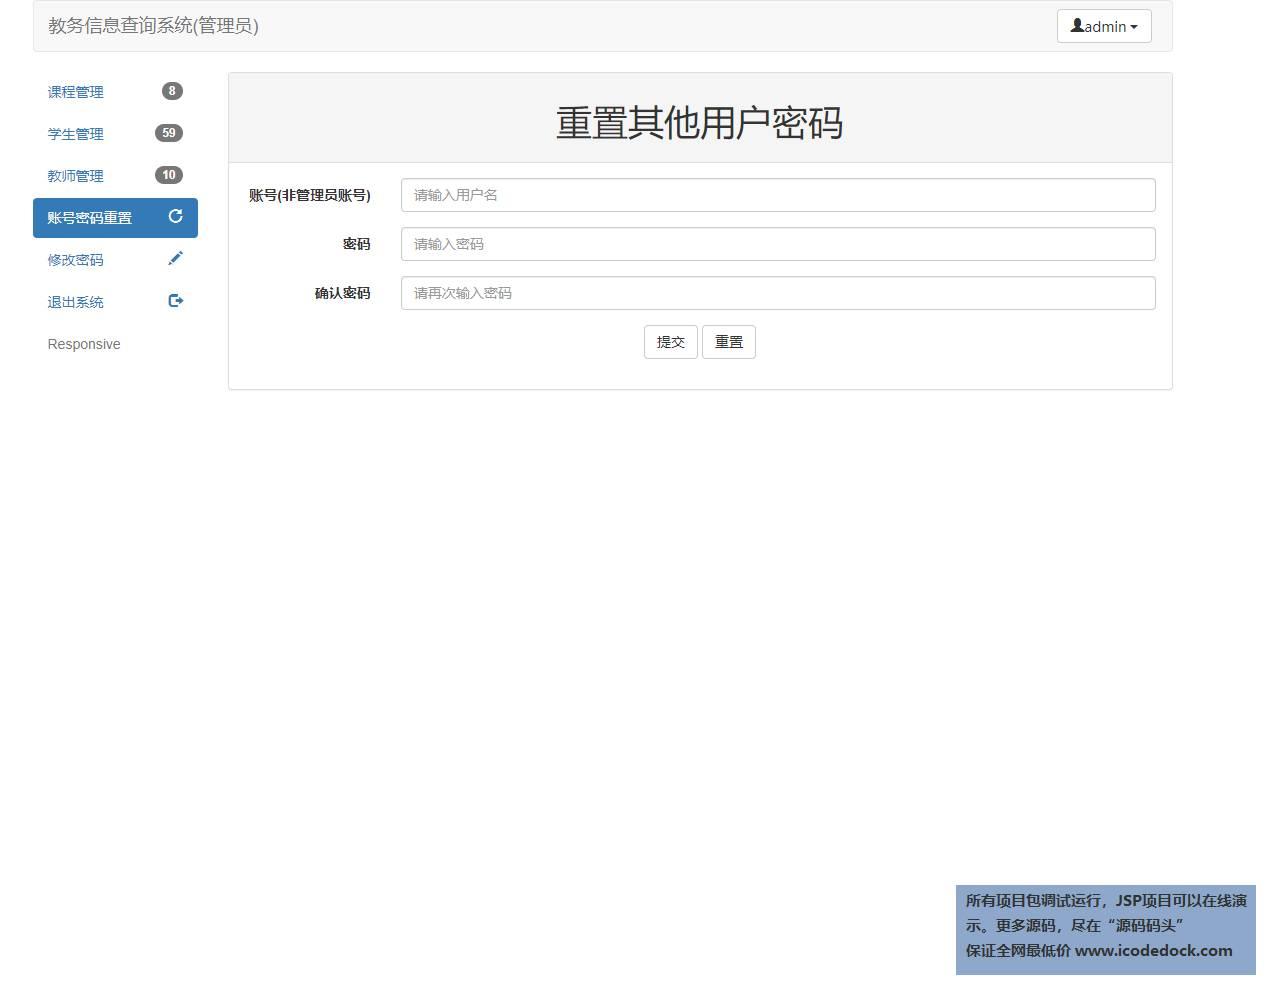 源码码头-SSM简单教务查询管理系统-管理员角色-重置密码